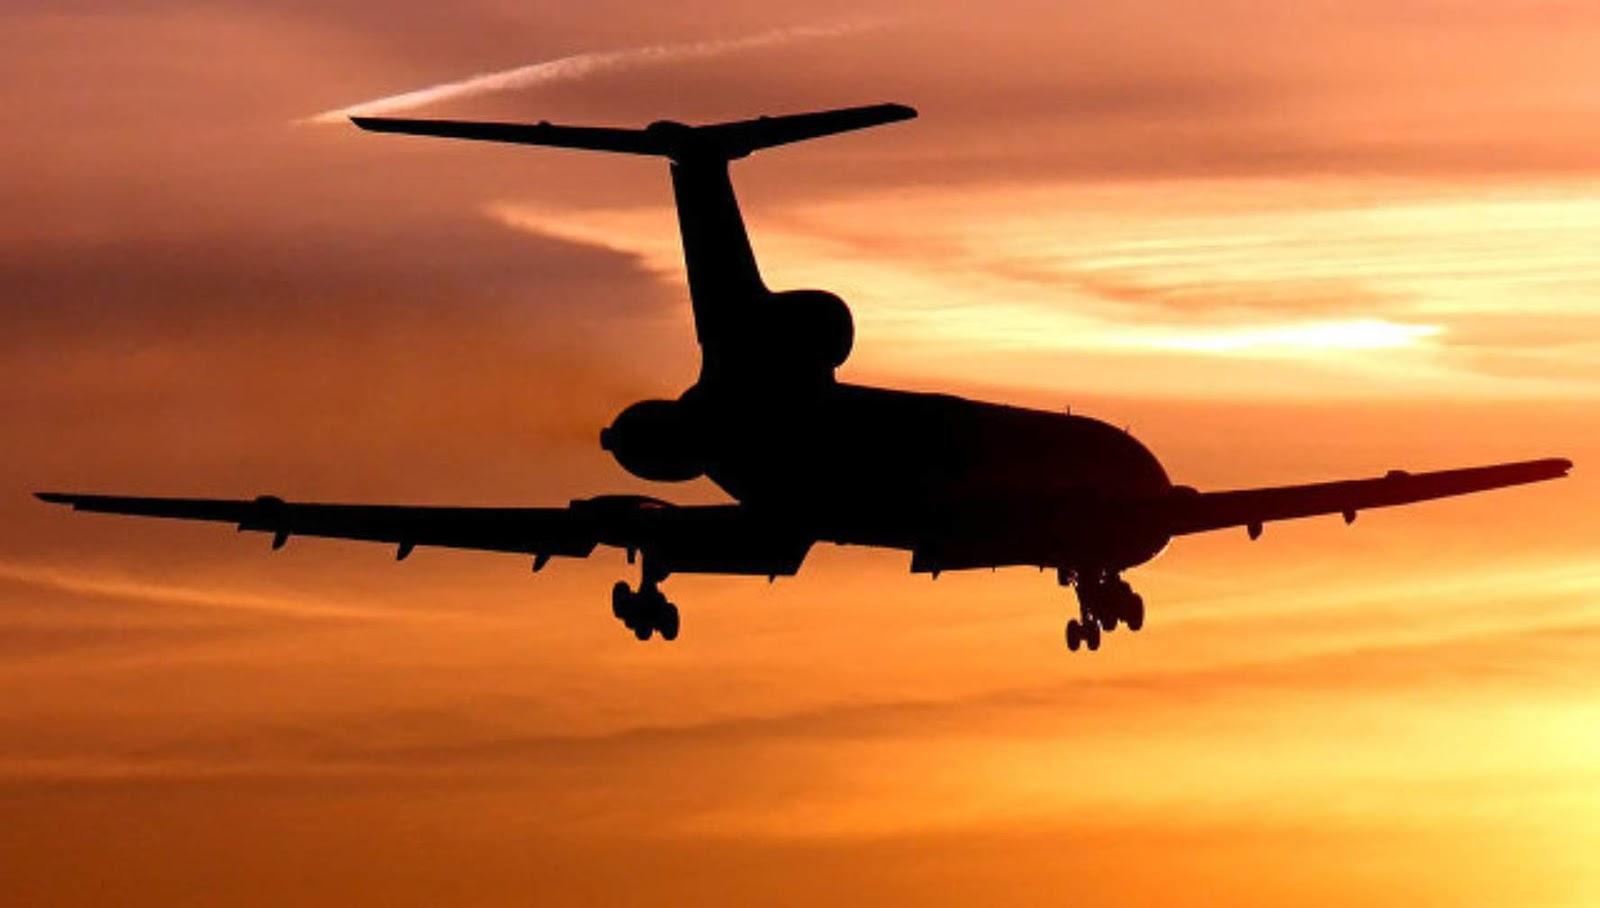 Arab Saudi akan mulai mengisi bahan bakar di udara sendiri untuk pasukan koalisi